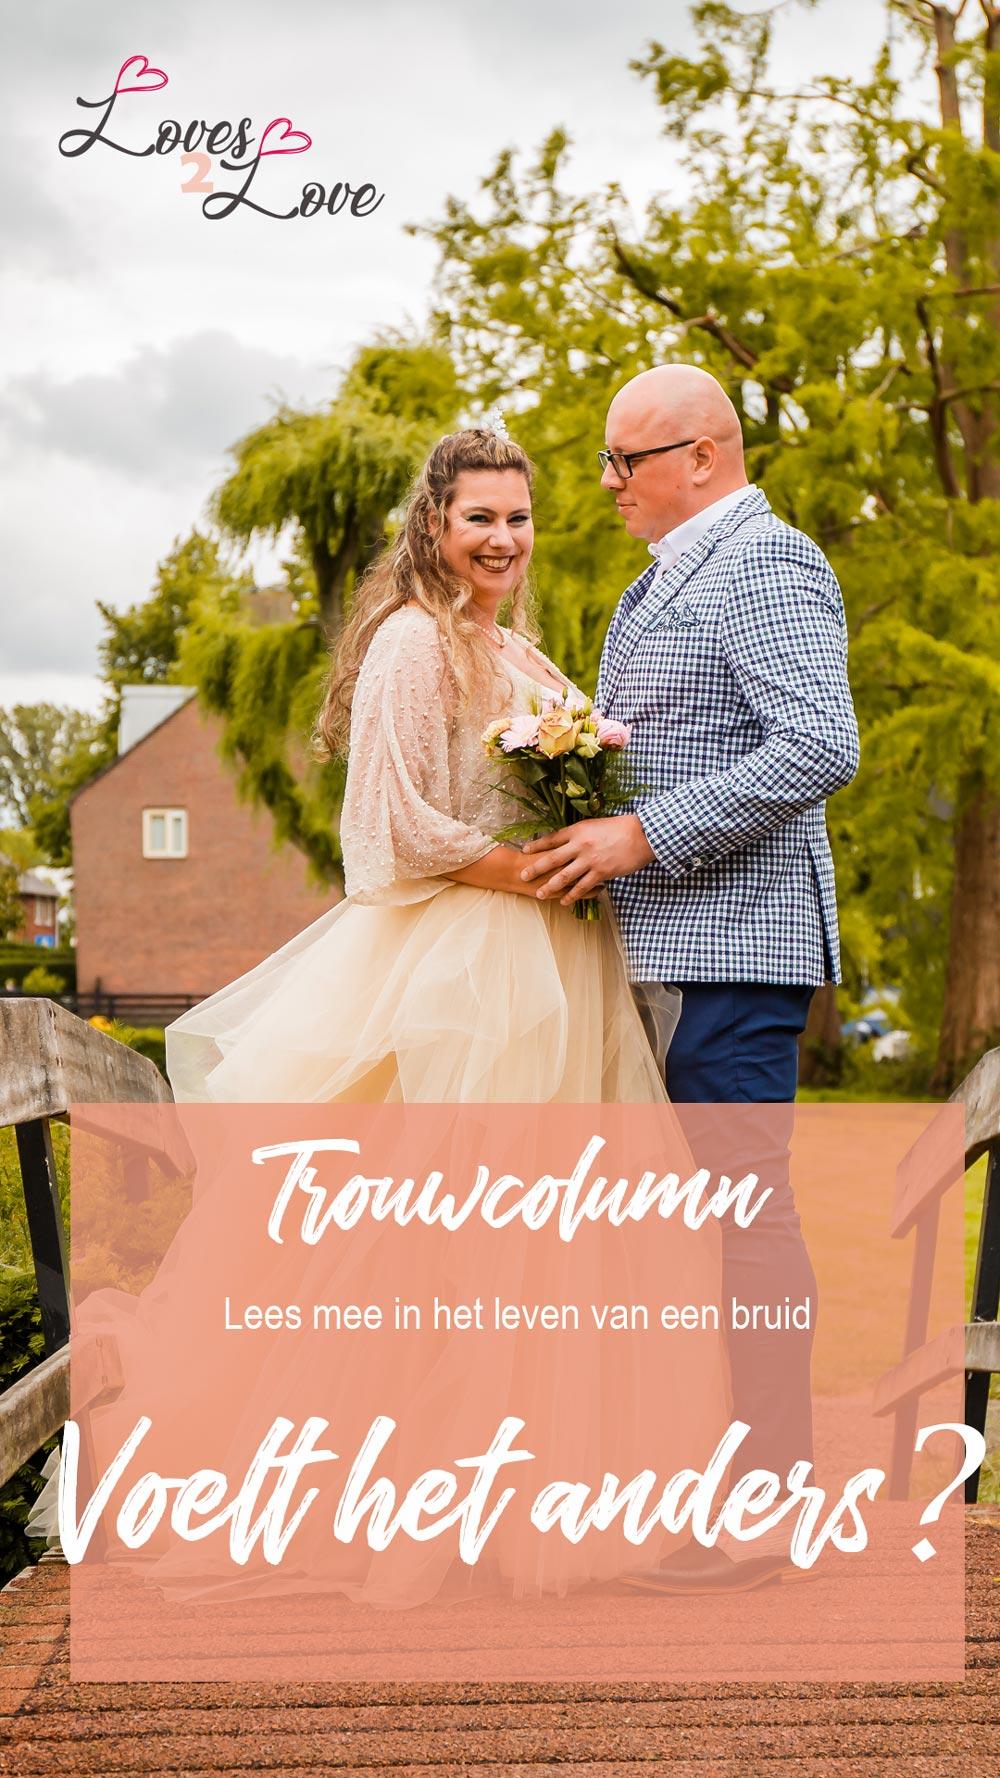 Trouwcolumn - lees mee in het leven van een bruid